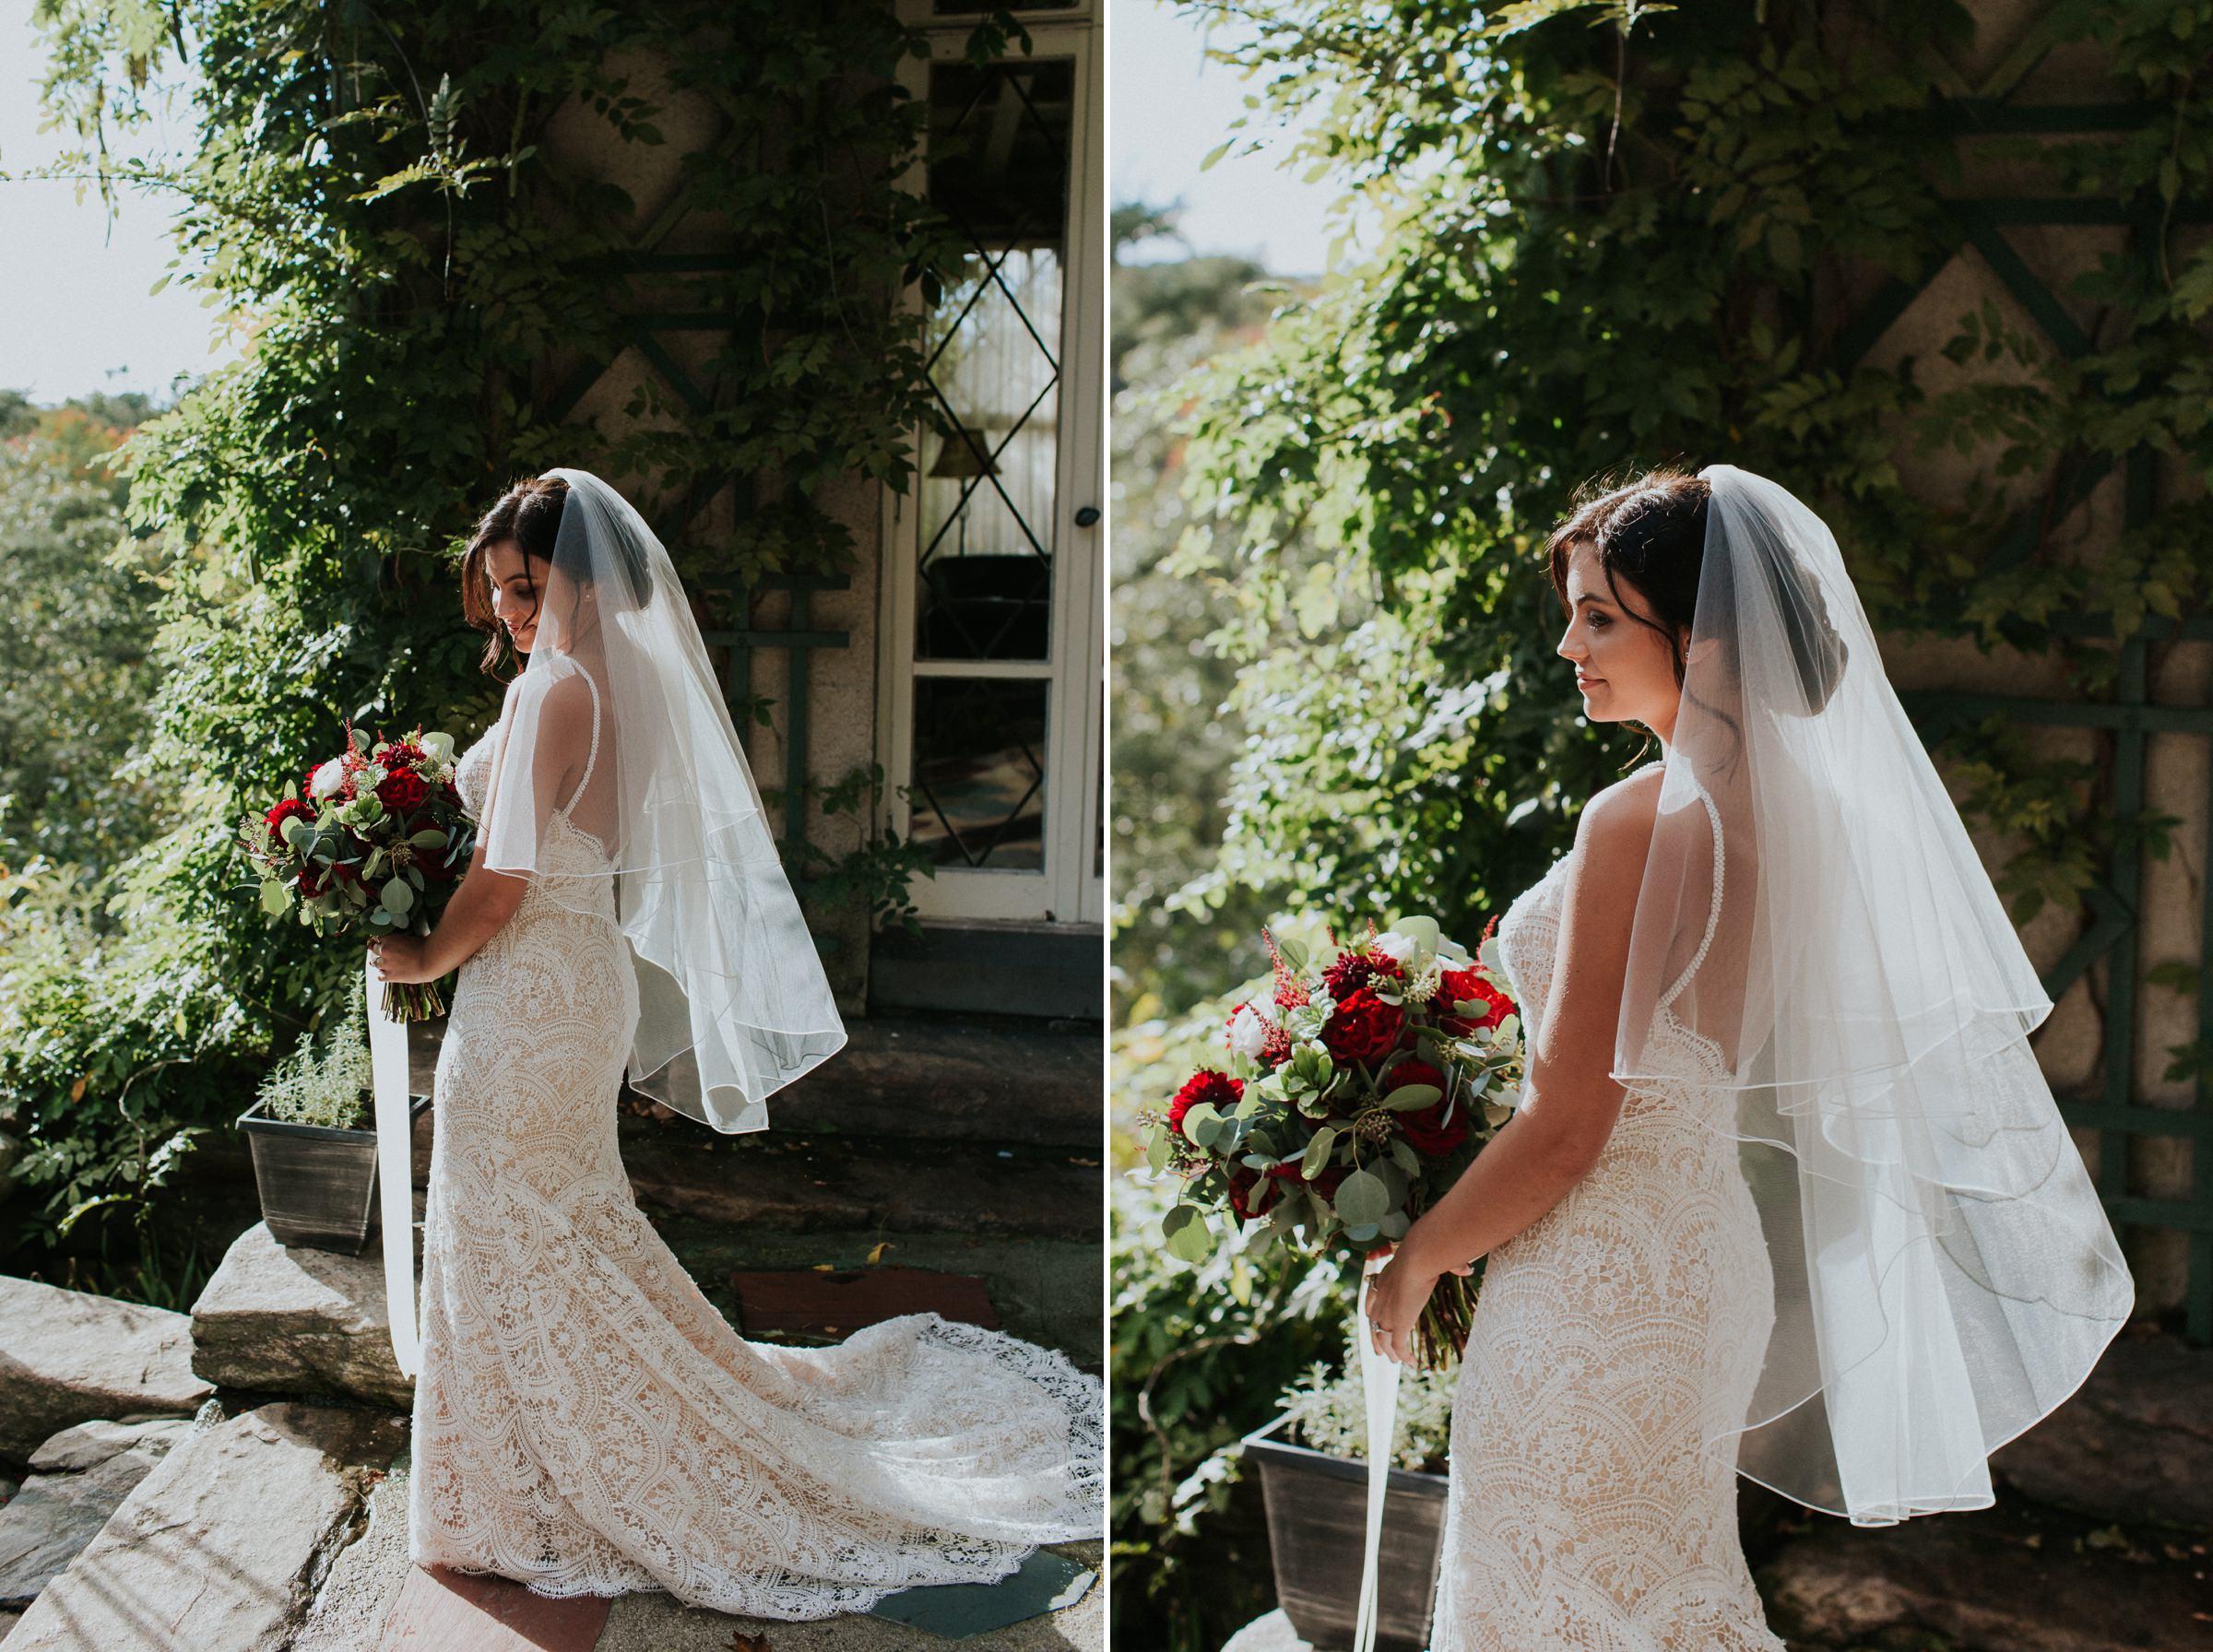 Arrow-Park-Monroe-NY-Documentary-Wedding-Photographer-119.jpg